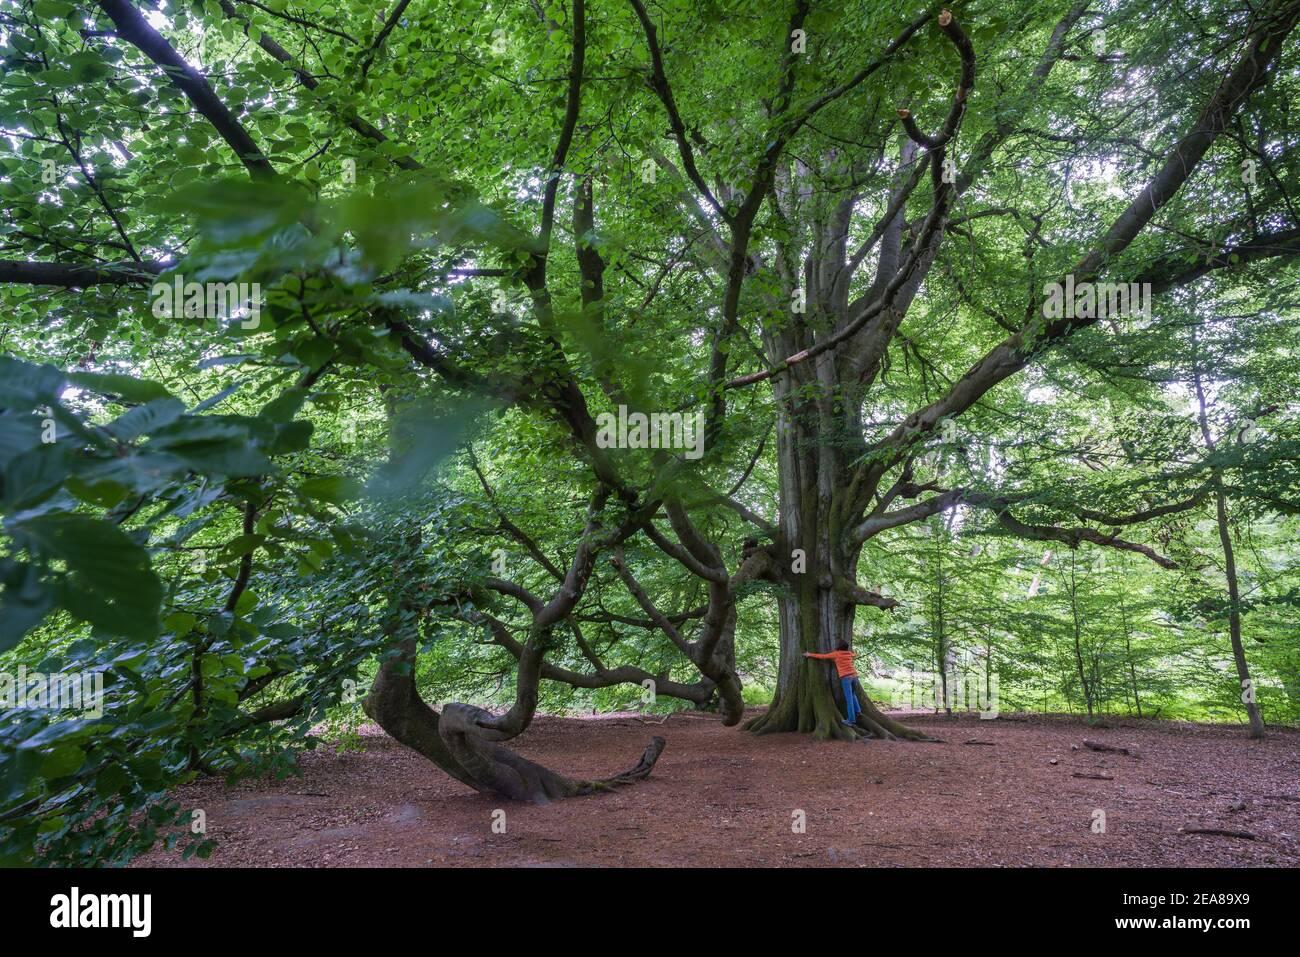 Allemagne, Reinhardswald: La parade du hêtre de 29 m de haut à Urwald Sababurg (forêt primitive). La réserve naturelle de 92 ha est située dans les collines Weser. Banque D'Images